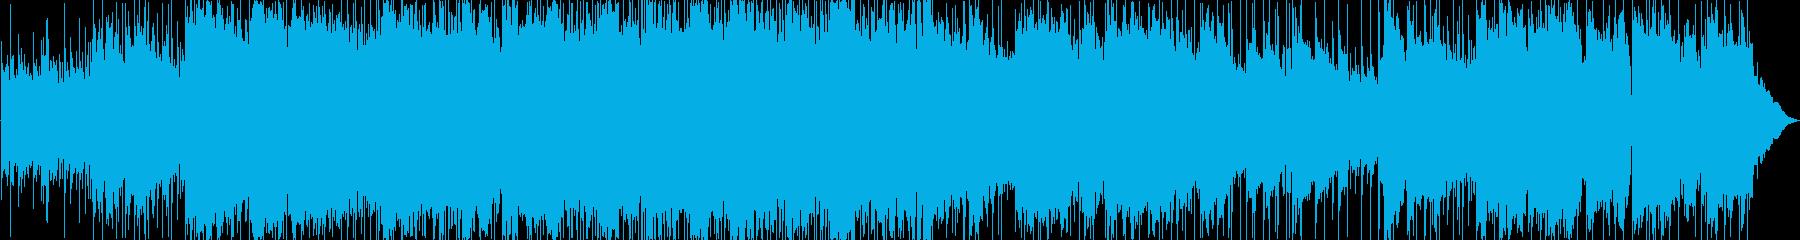 動画 説明的 勝利者 お洒落 ファ...の再生済みの波形